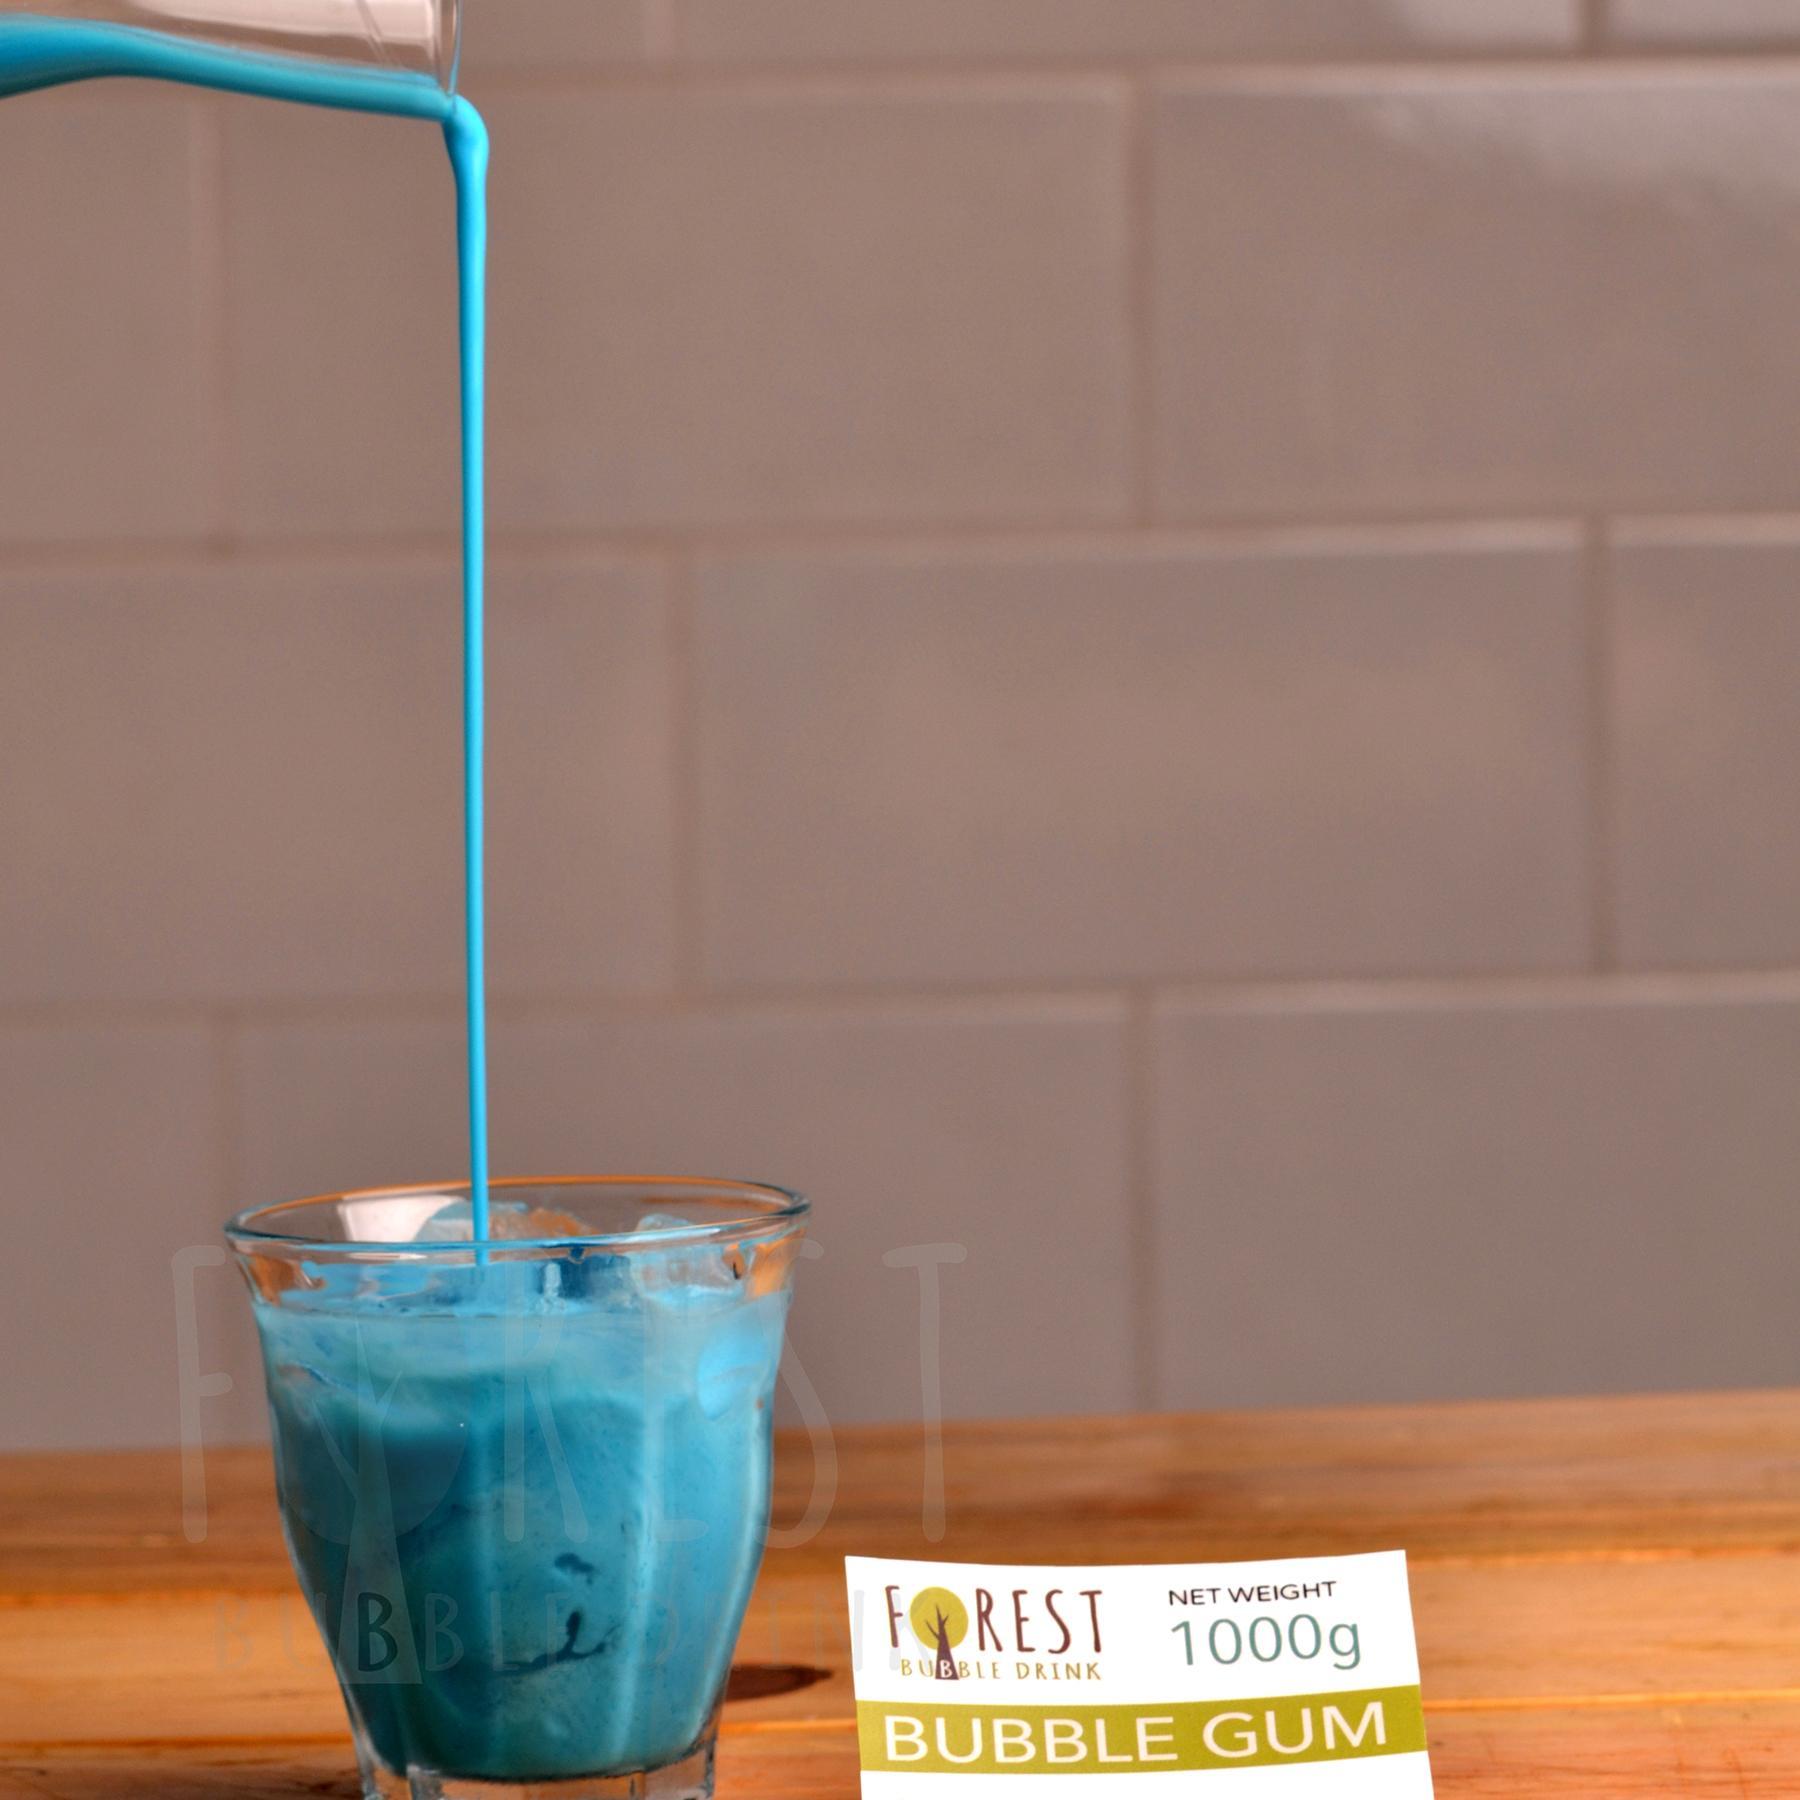 Bubuk Minuman BUBBLE GUM Powder 1000g - Forest Bubble Drink